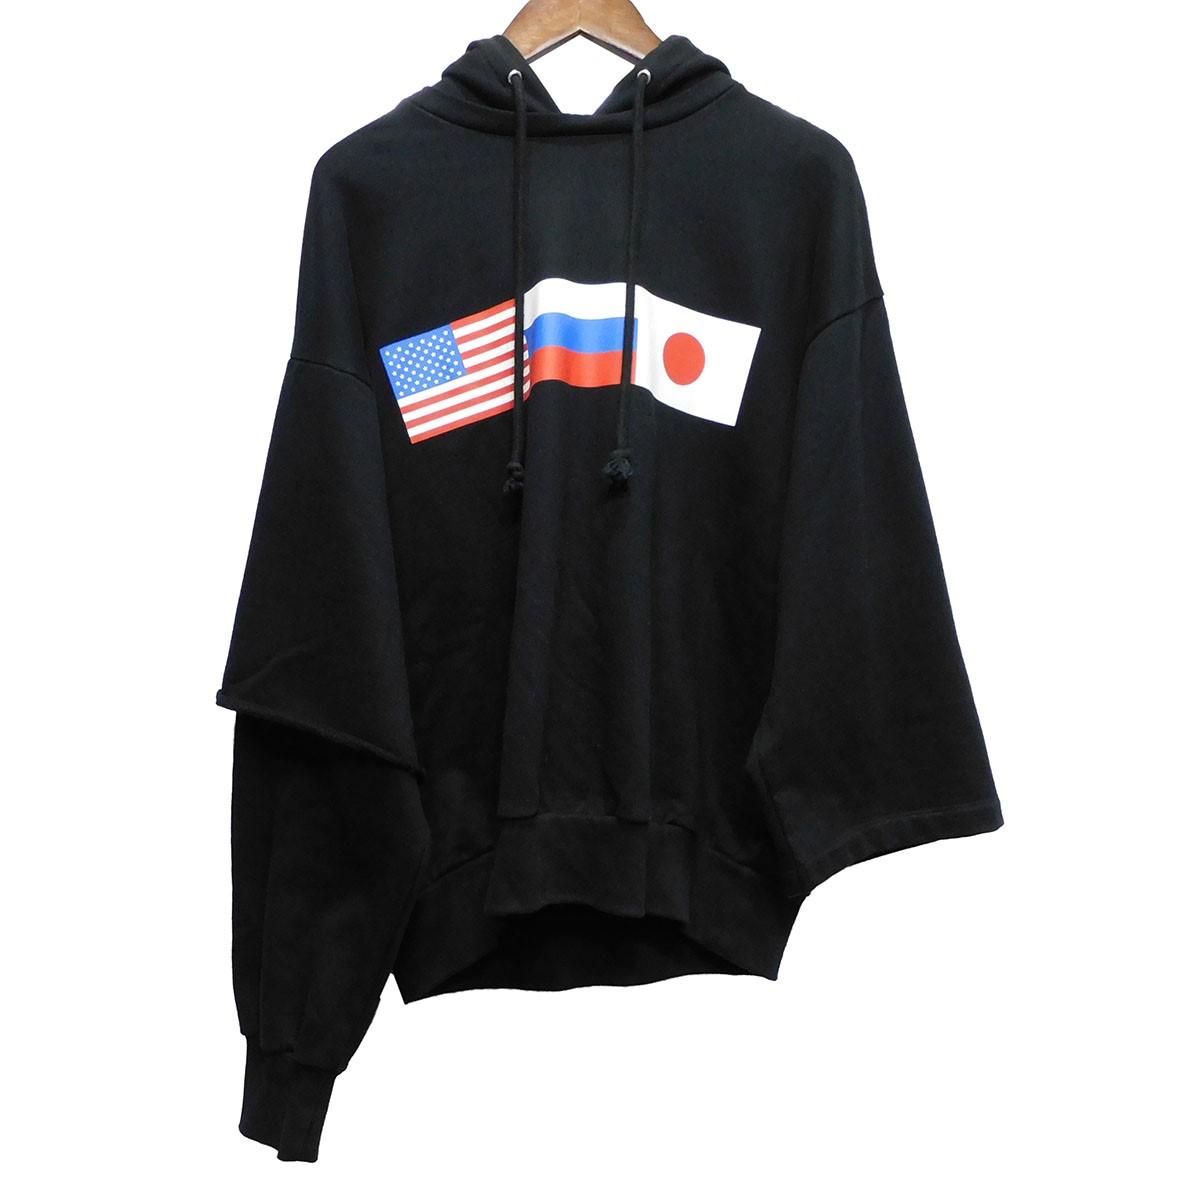 【中古】Gosha Rubchinskiy 18AW プリントプルオーバーパーカー ブラック サイズ:S 【170420】(ゴーシャラブチンスキー)